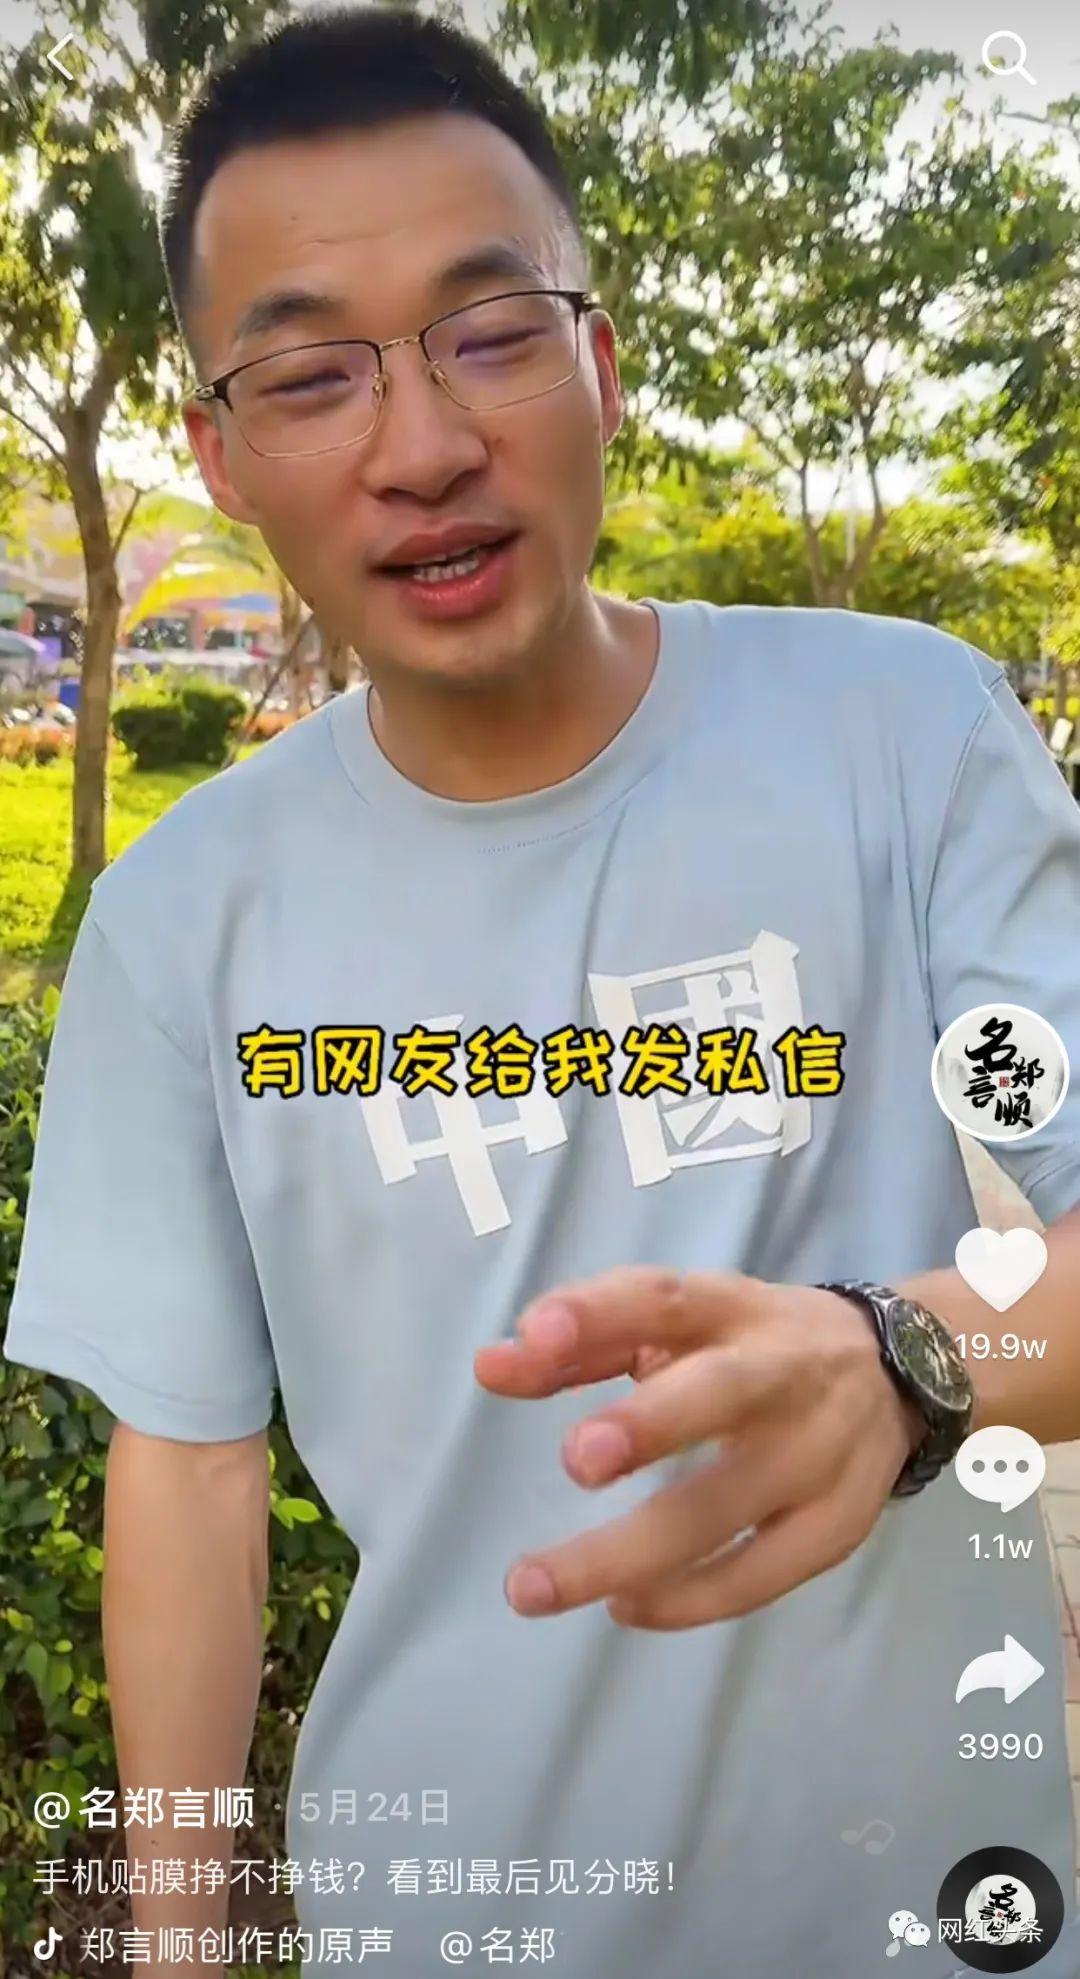 四个月涨粉千万,名郑言顺的职业揭秘,凭什么斩获抖音涨粉No.1?